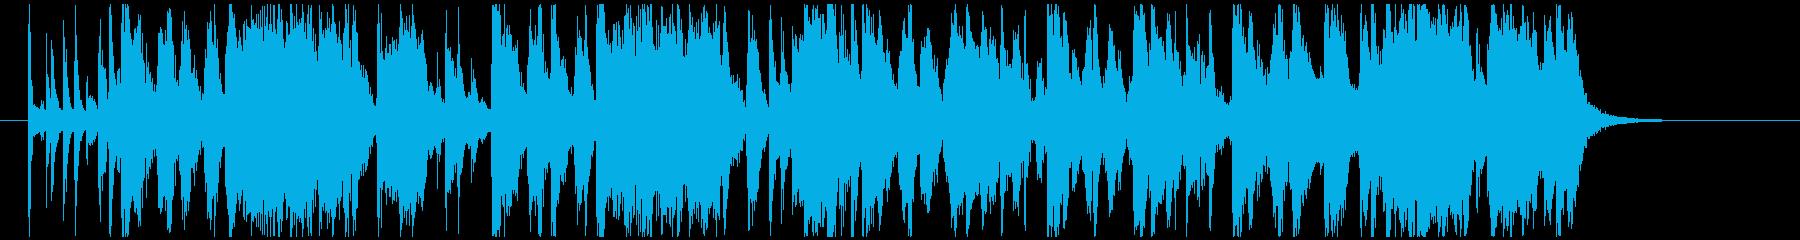 クイズ考え中のBGMの再生済みの波形